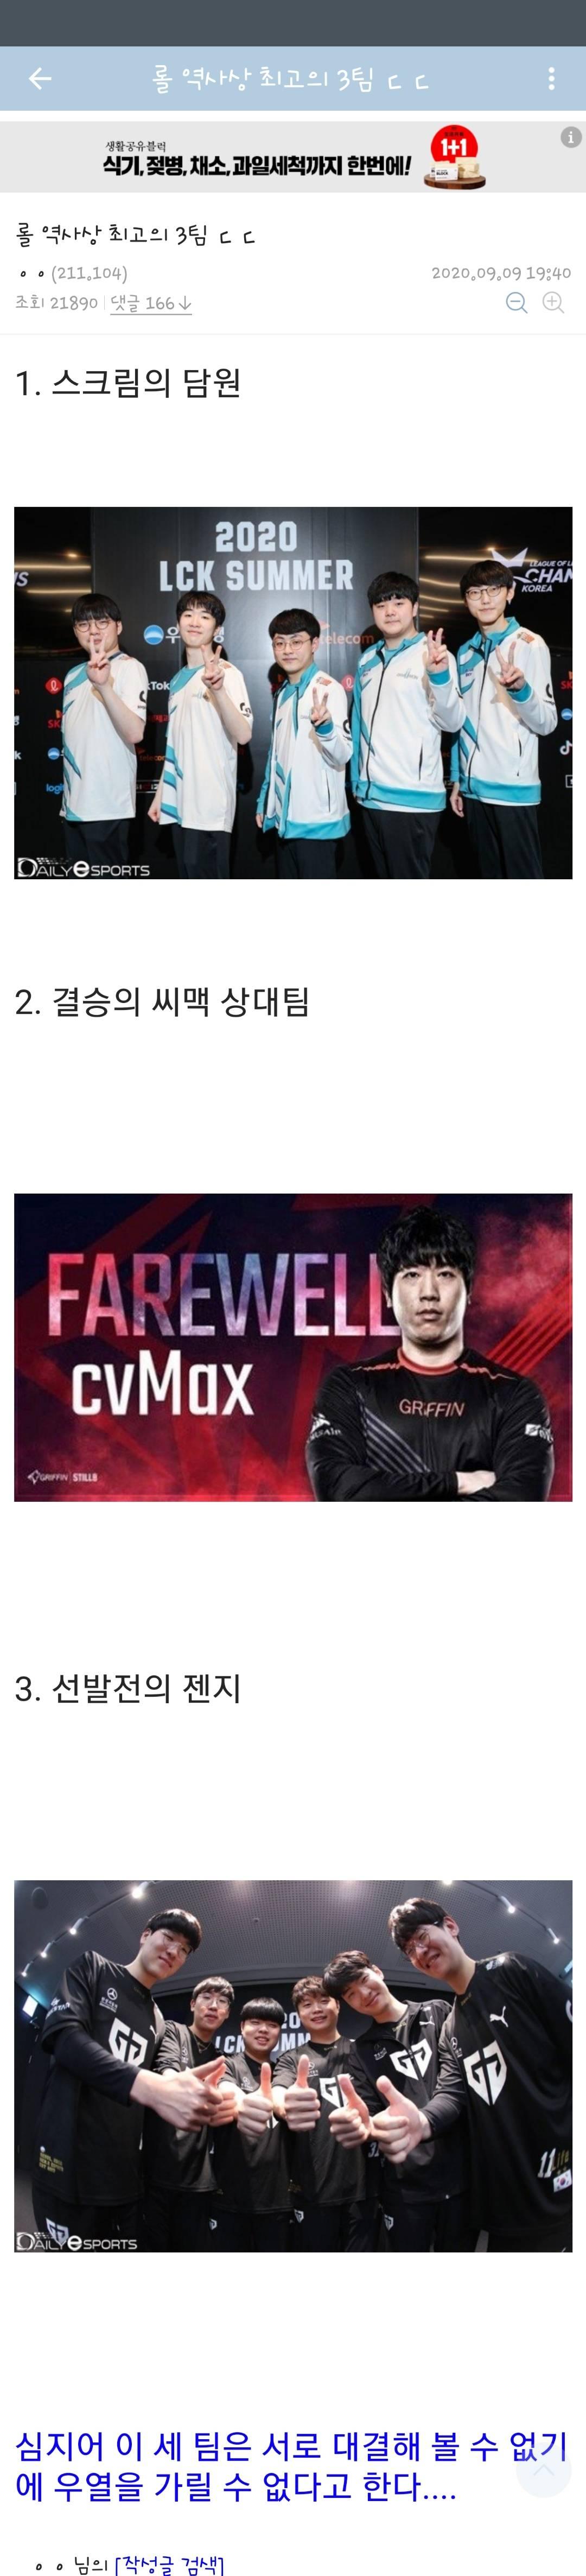 롤 세계관 최강의 3팀 | 인스티즈